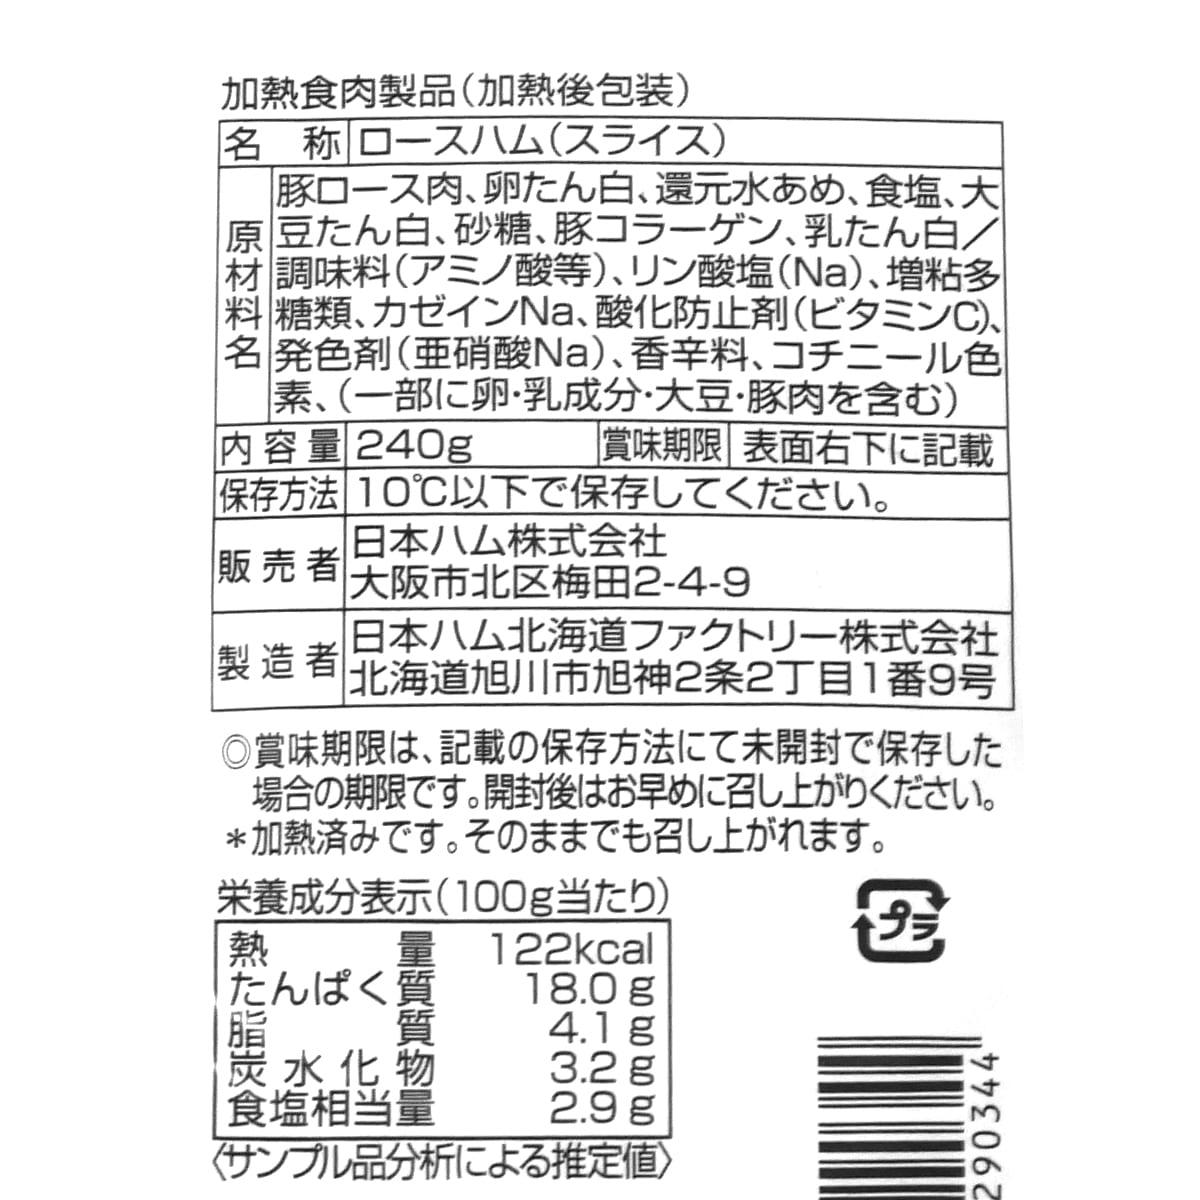 日本ハム ロースハムスライス 240g 裏面ラベル(原材料・カロリーほか)